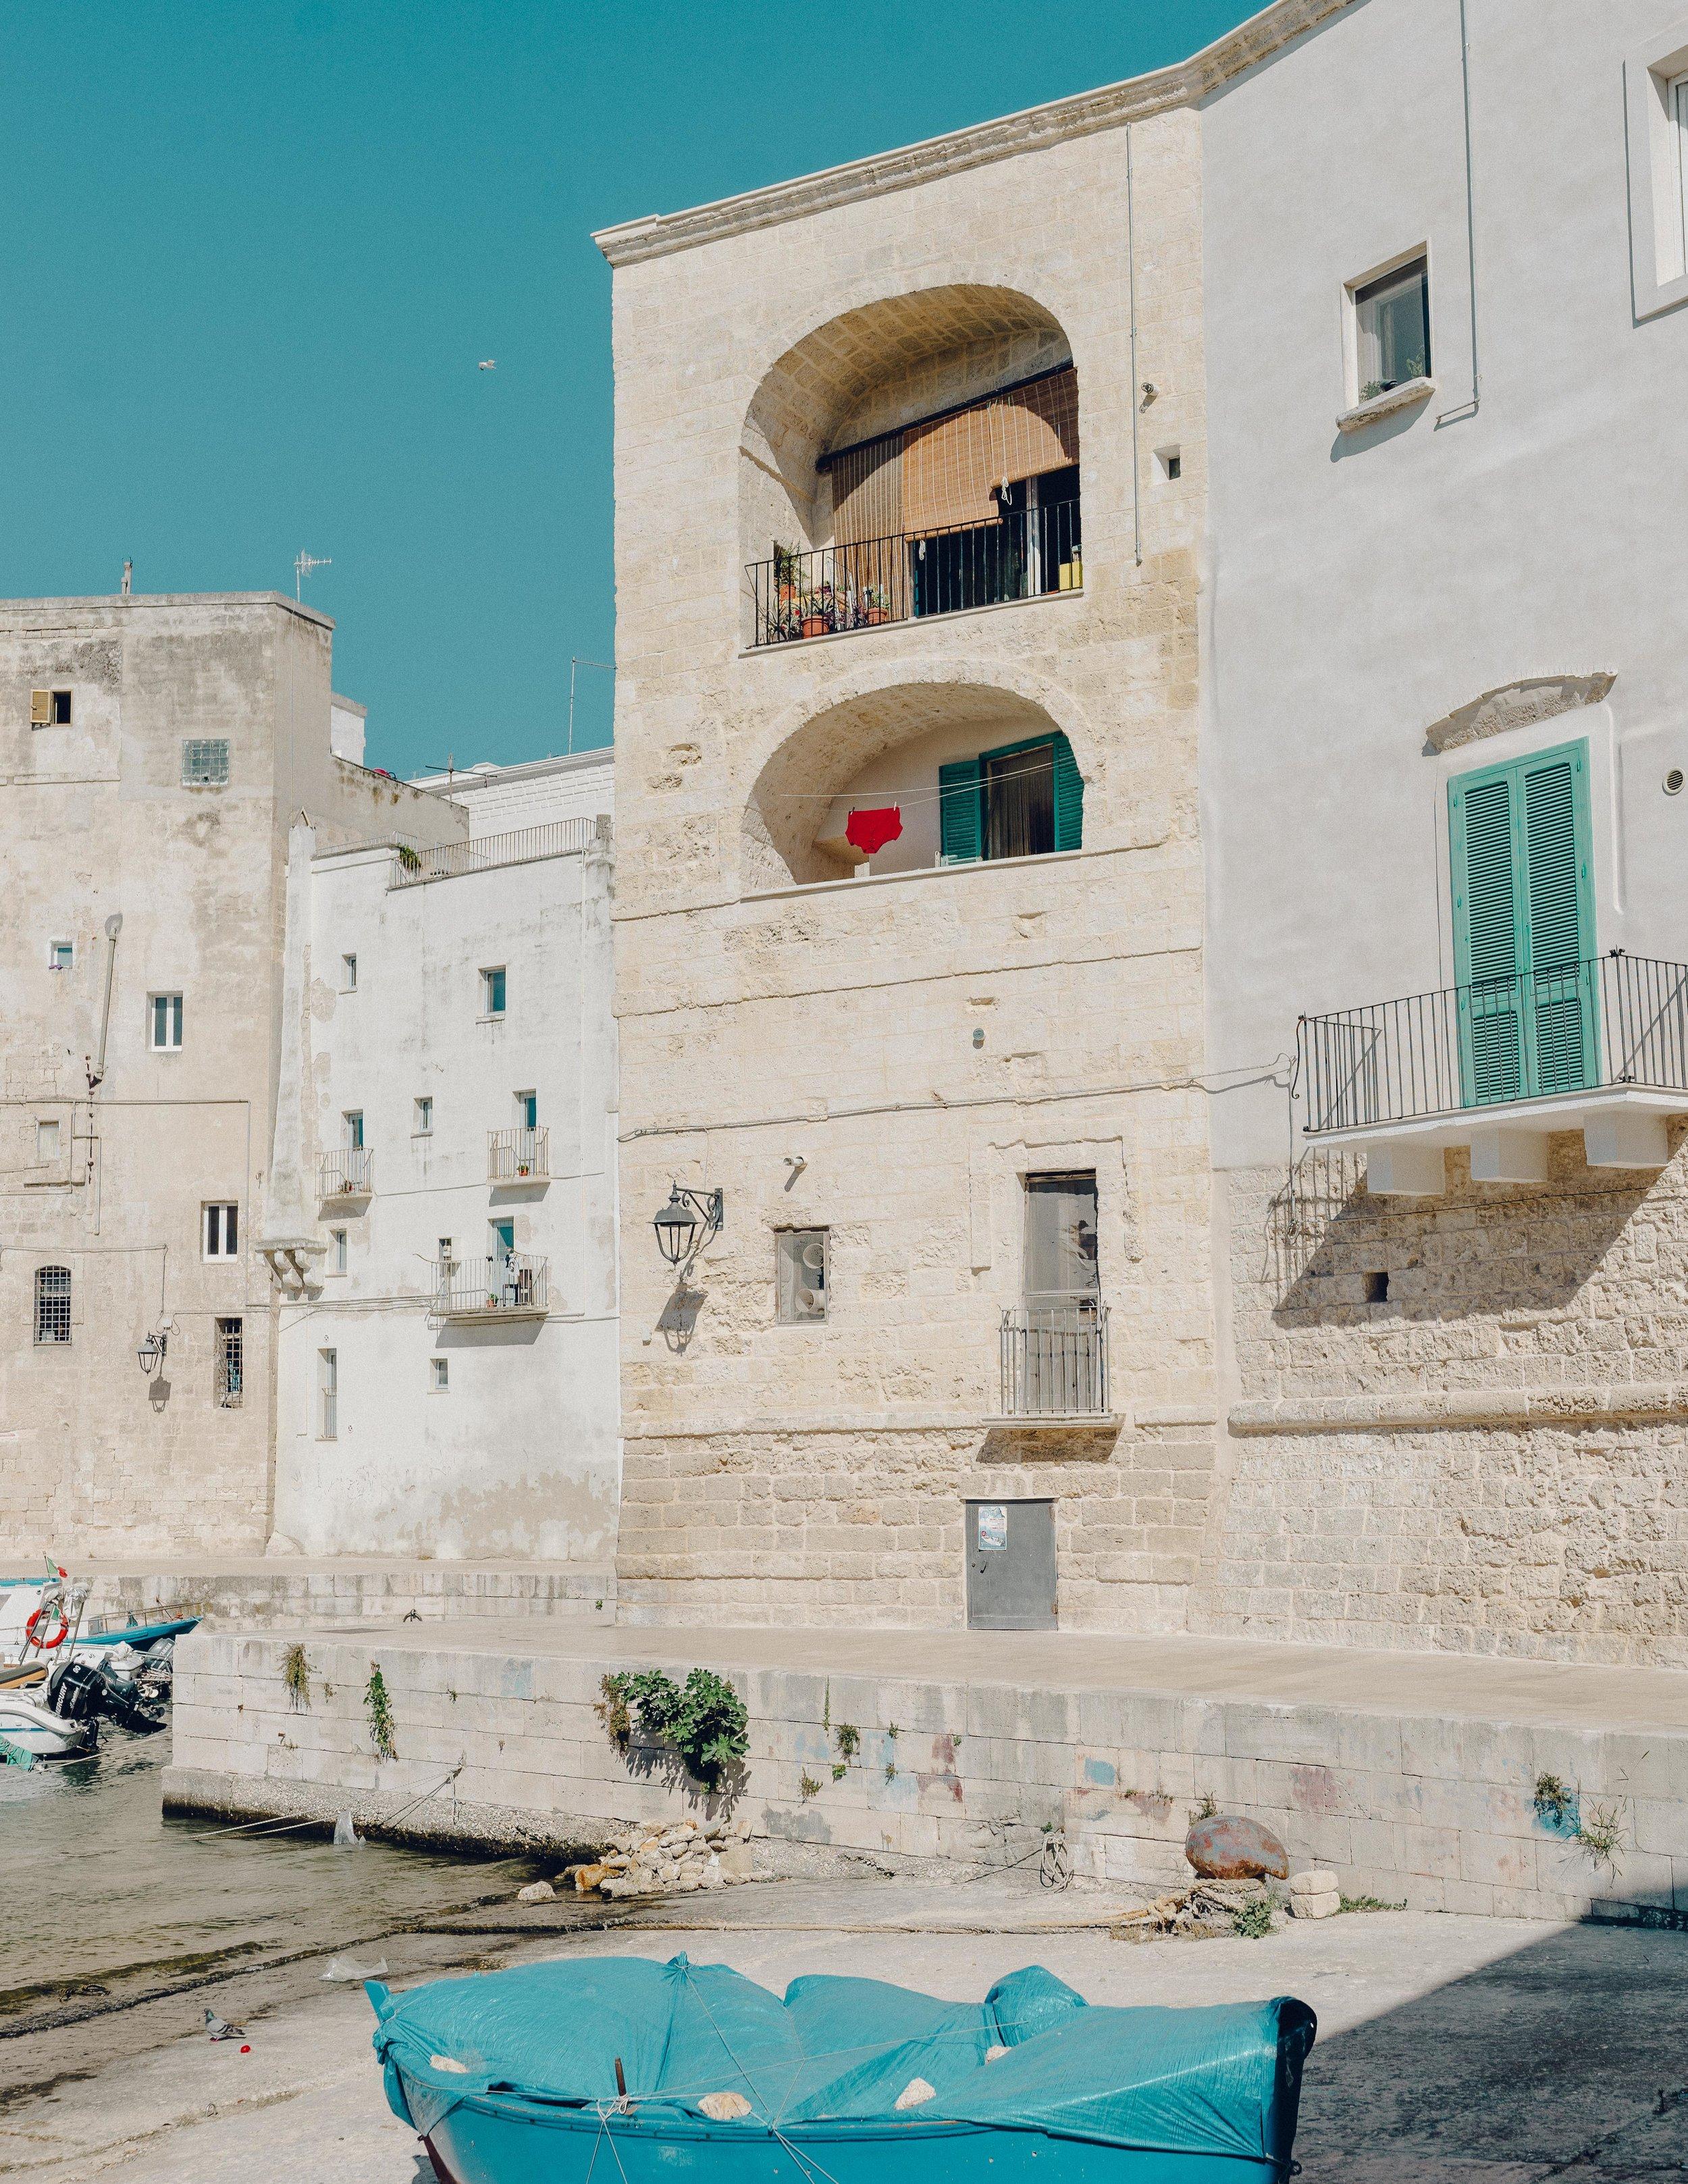 ASROSENVINGE_Roadtrip_Italy_Monopoli-07046.jpg